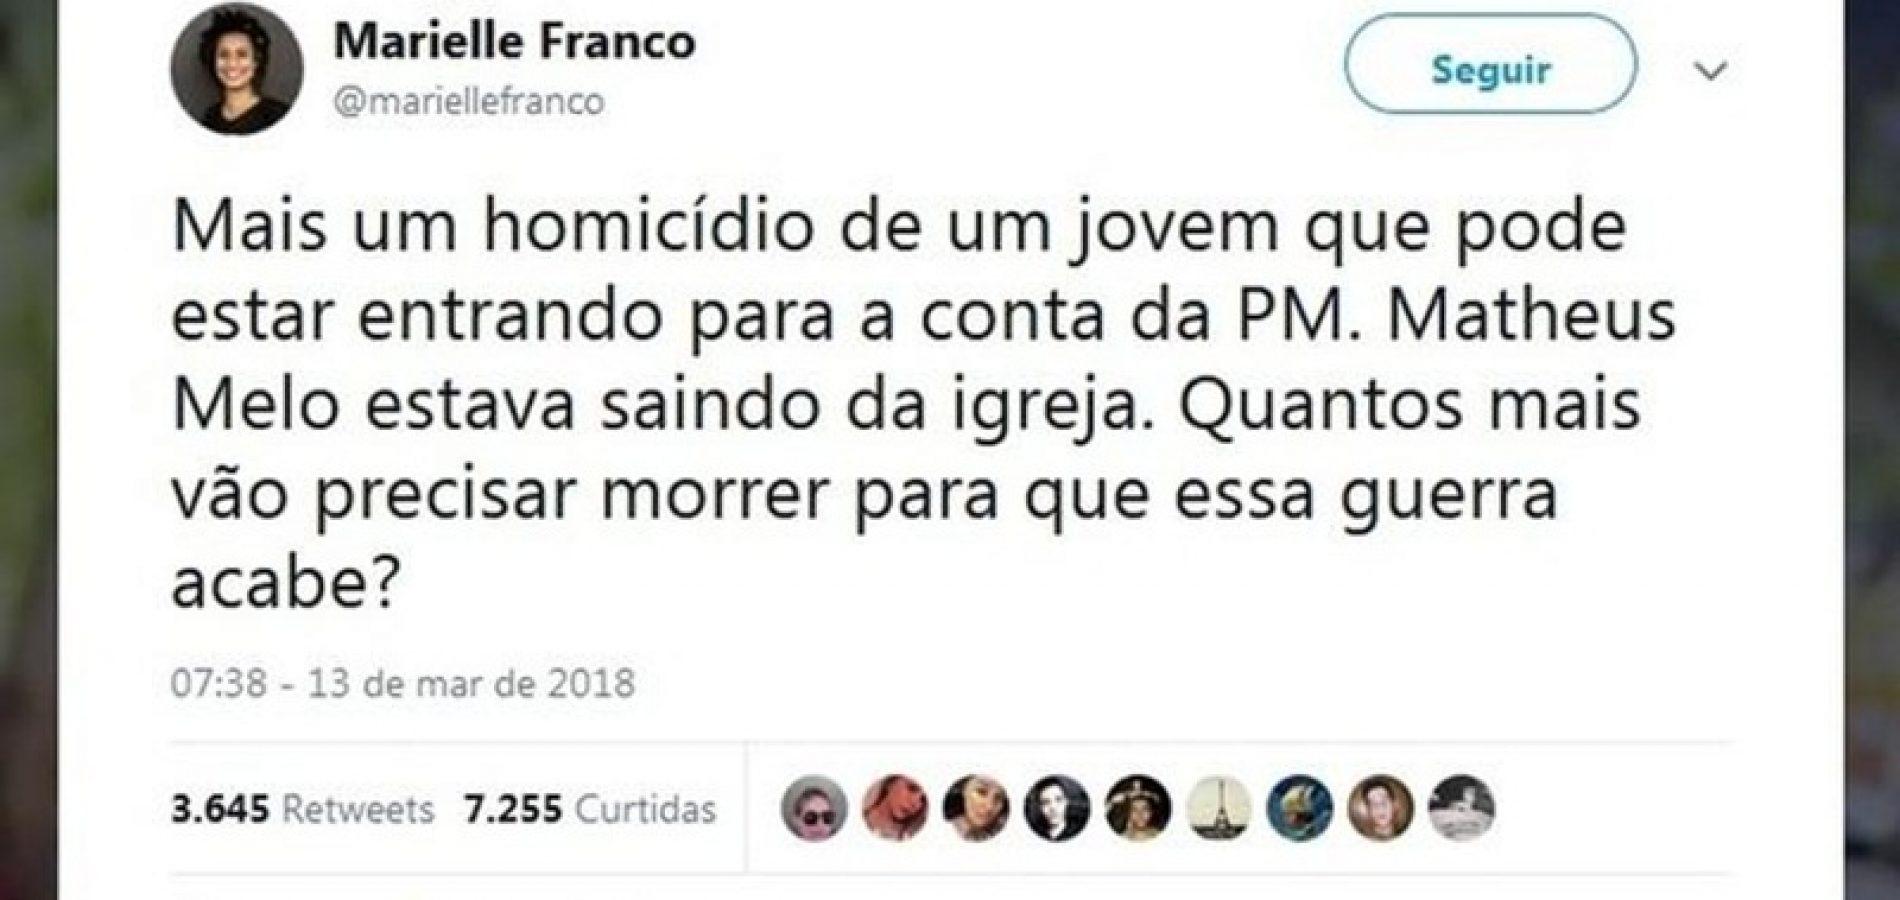 Vereadora fez post na web um dia antes de ser assassinada no RJ; 'Quantos mais precisarão morrer?', postou ela